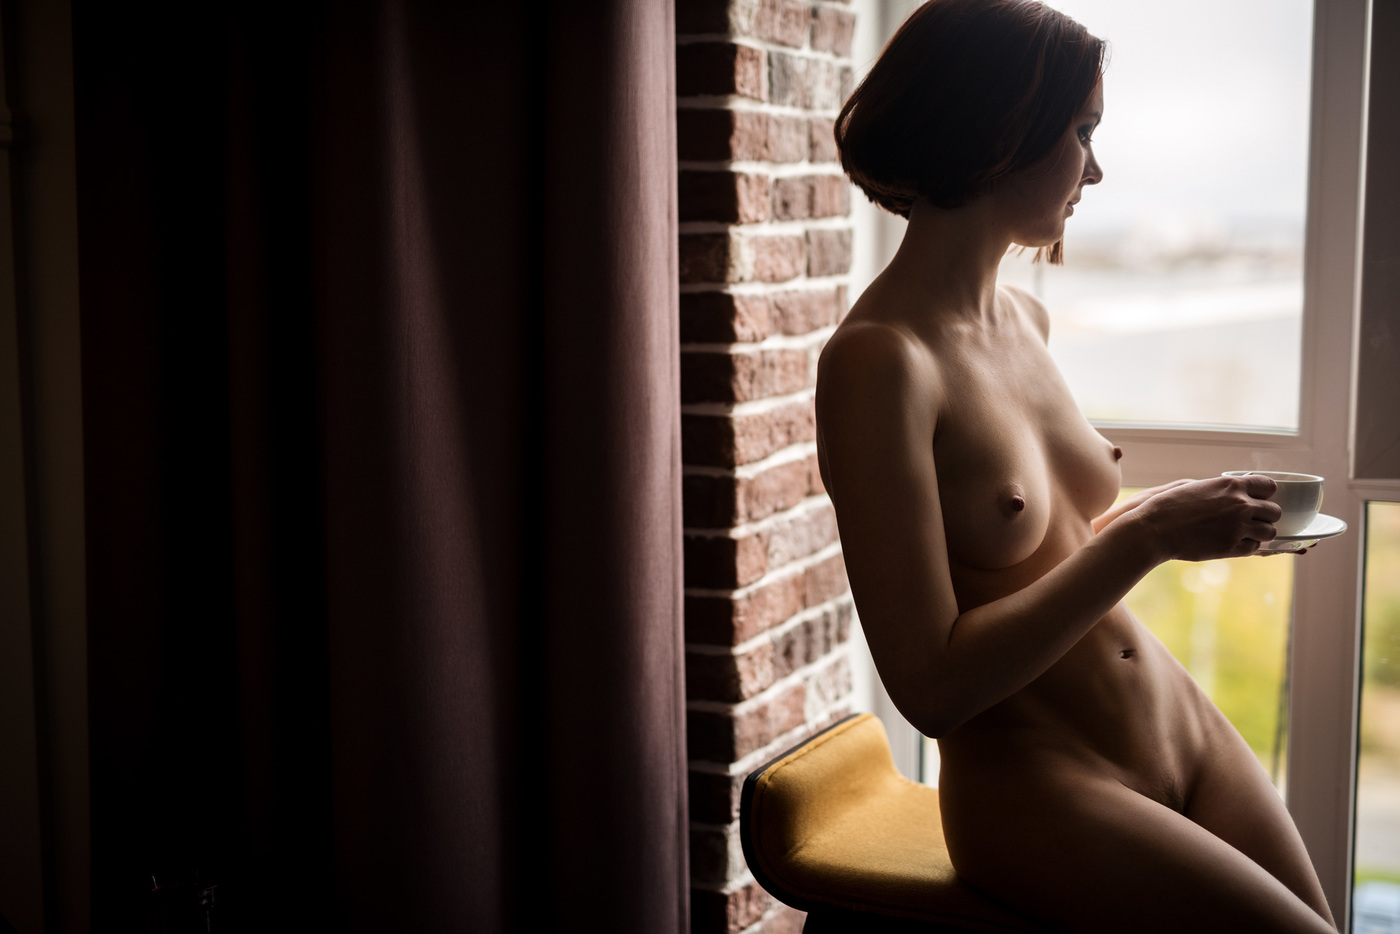 Частное хоум видео с китайской проституткой онлайн на